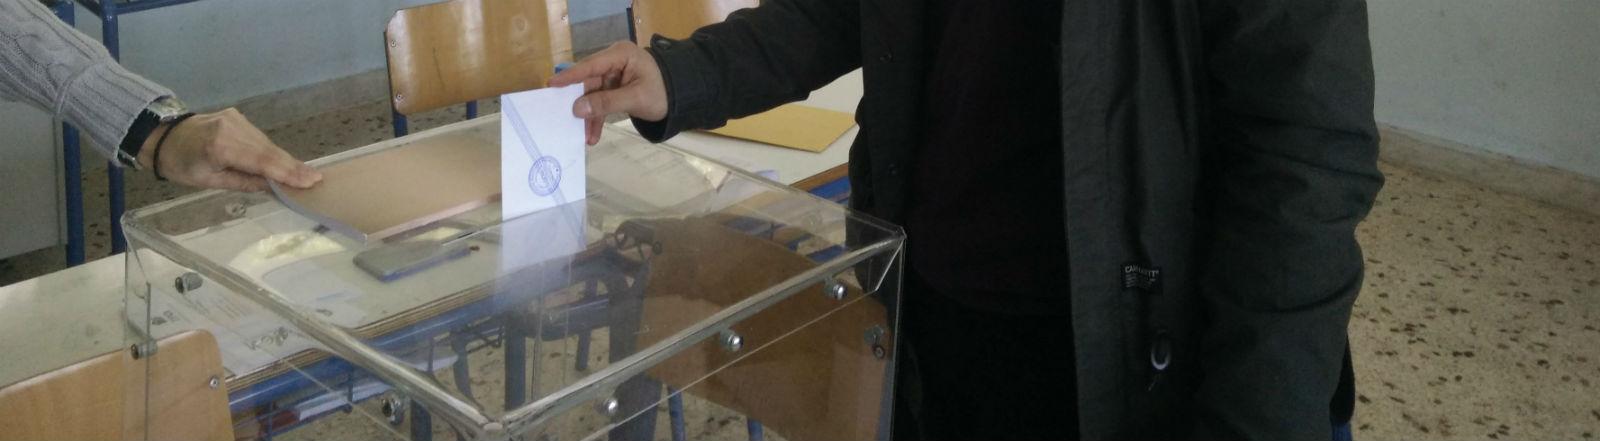 Ein junger Mann wirft einen Umschlag in eine Wahlurne.